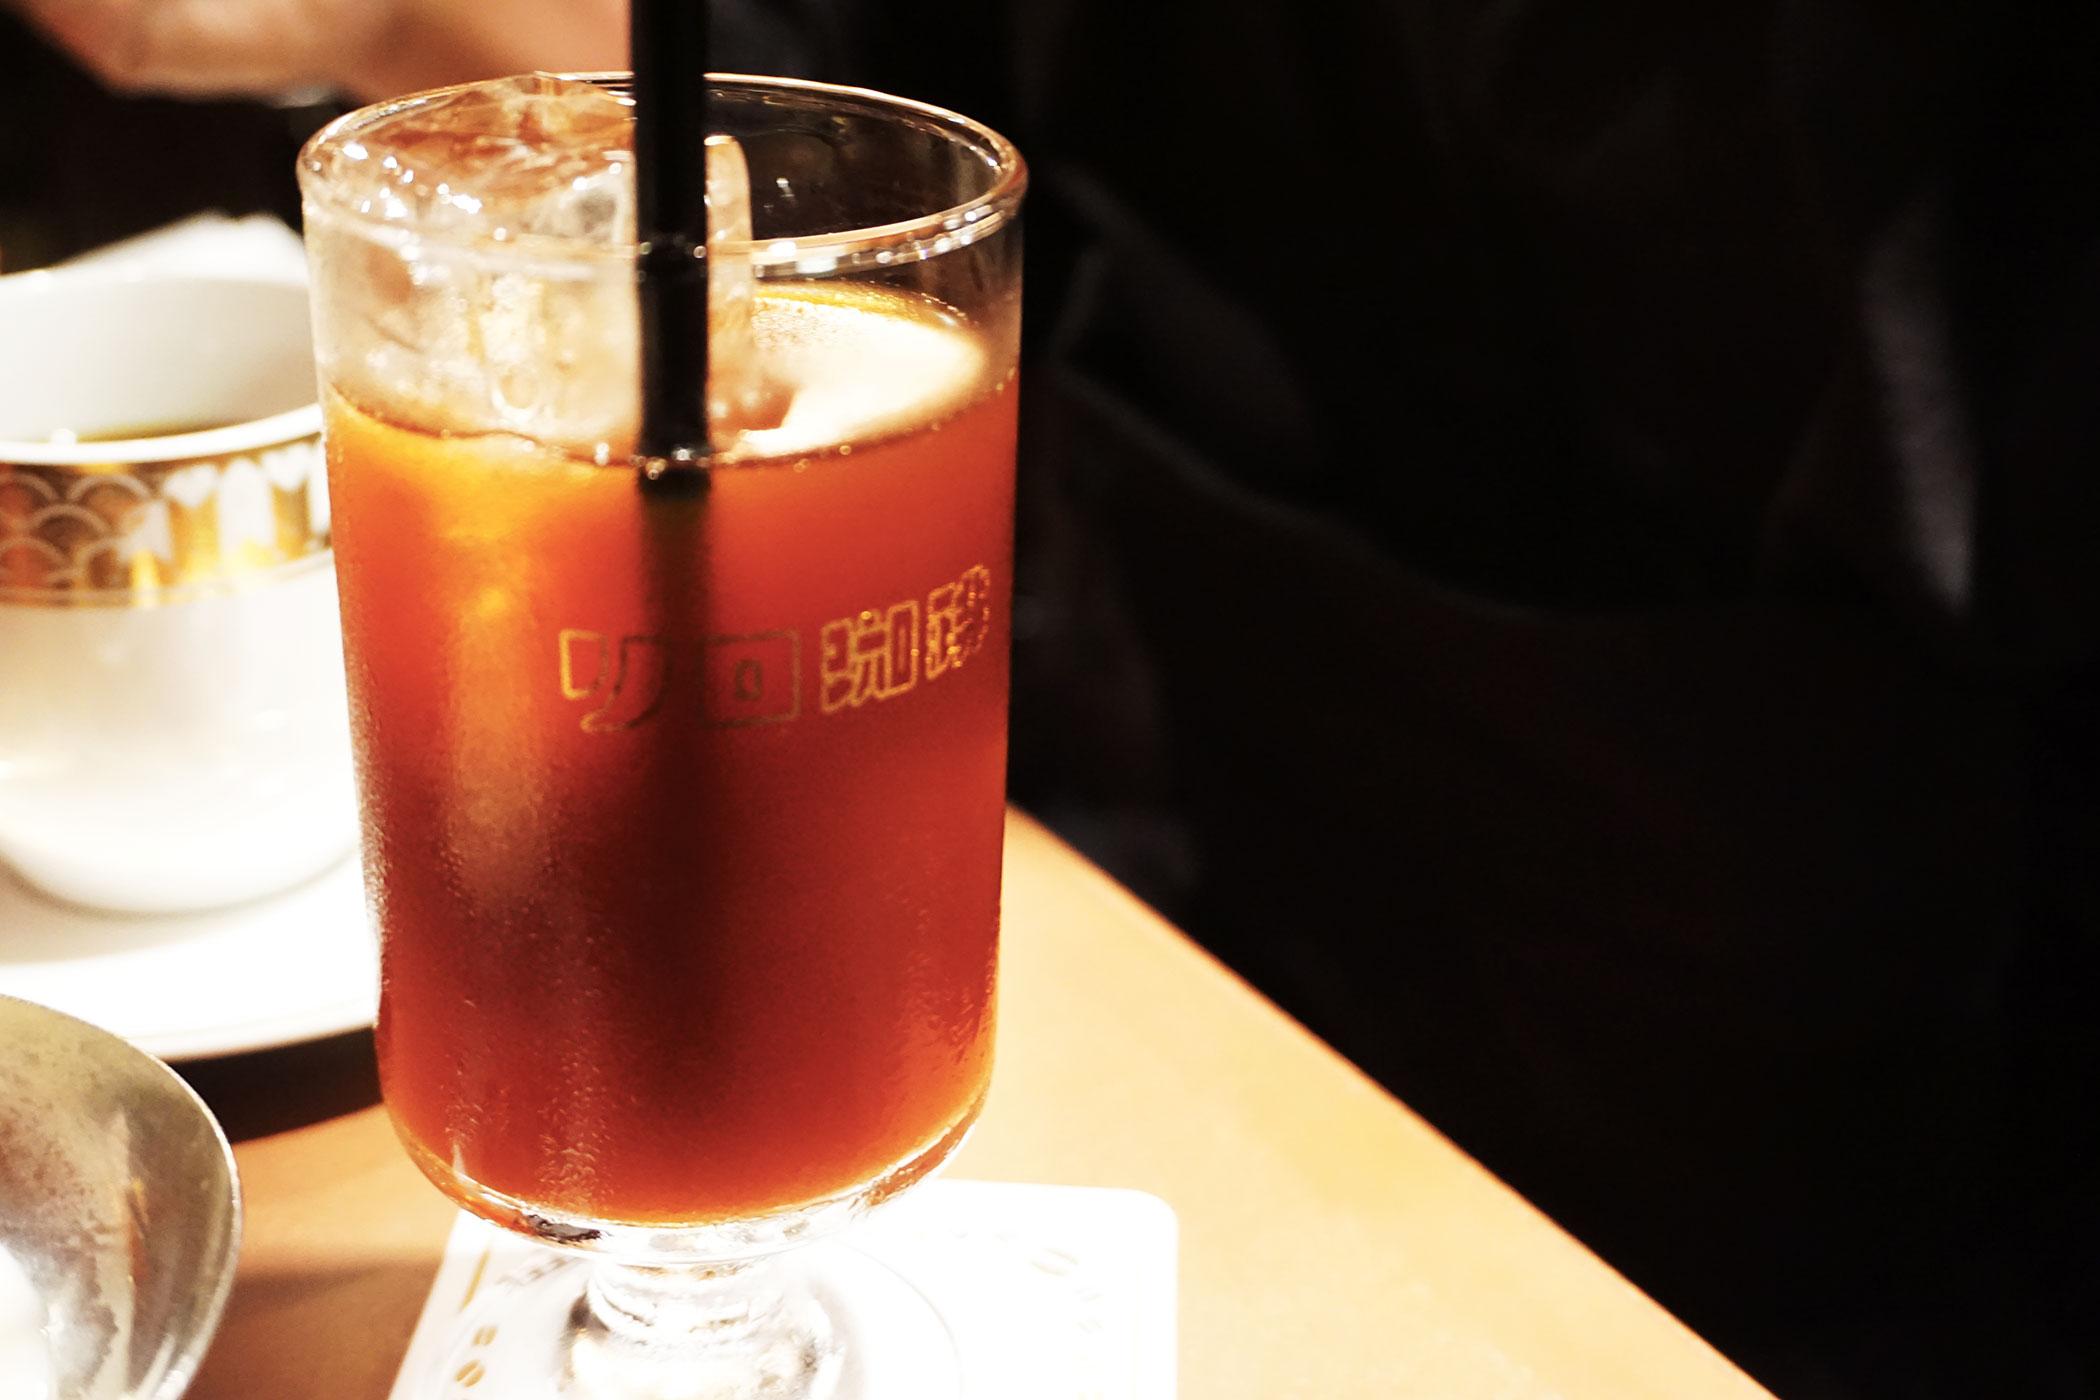 リロ珈琲喫茶 純喫茶の空気を感じるリロコーヒー流の喫茶店